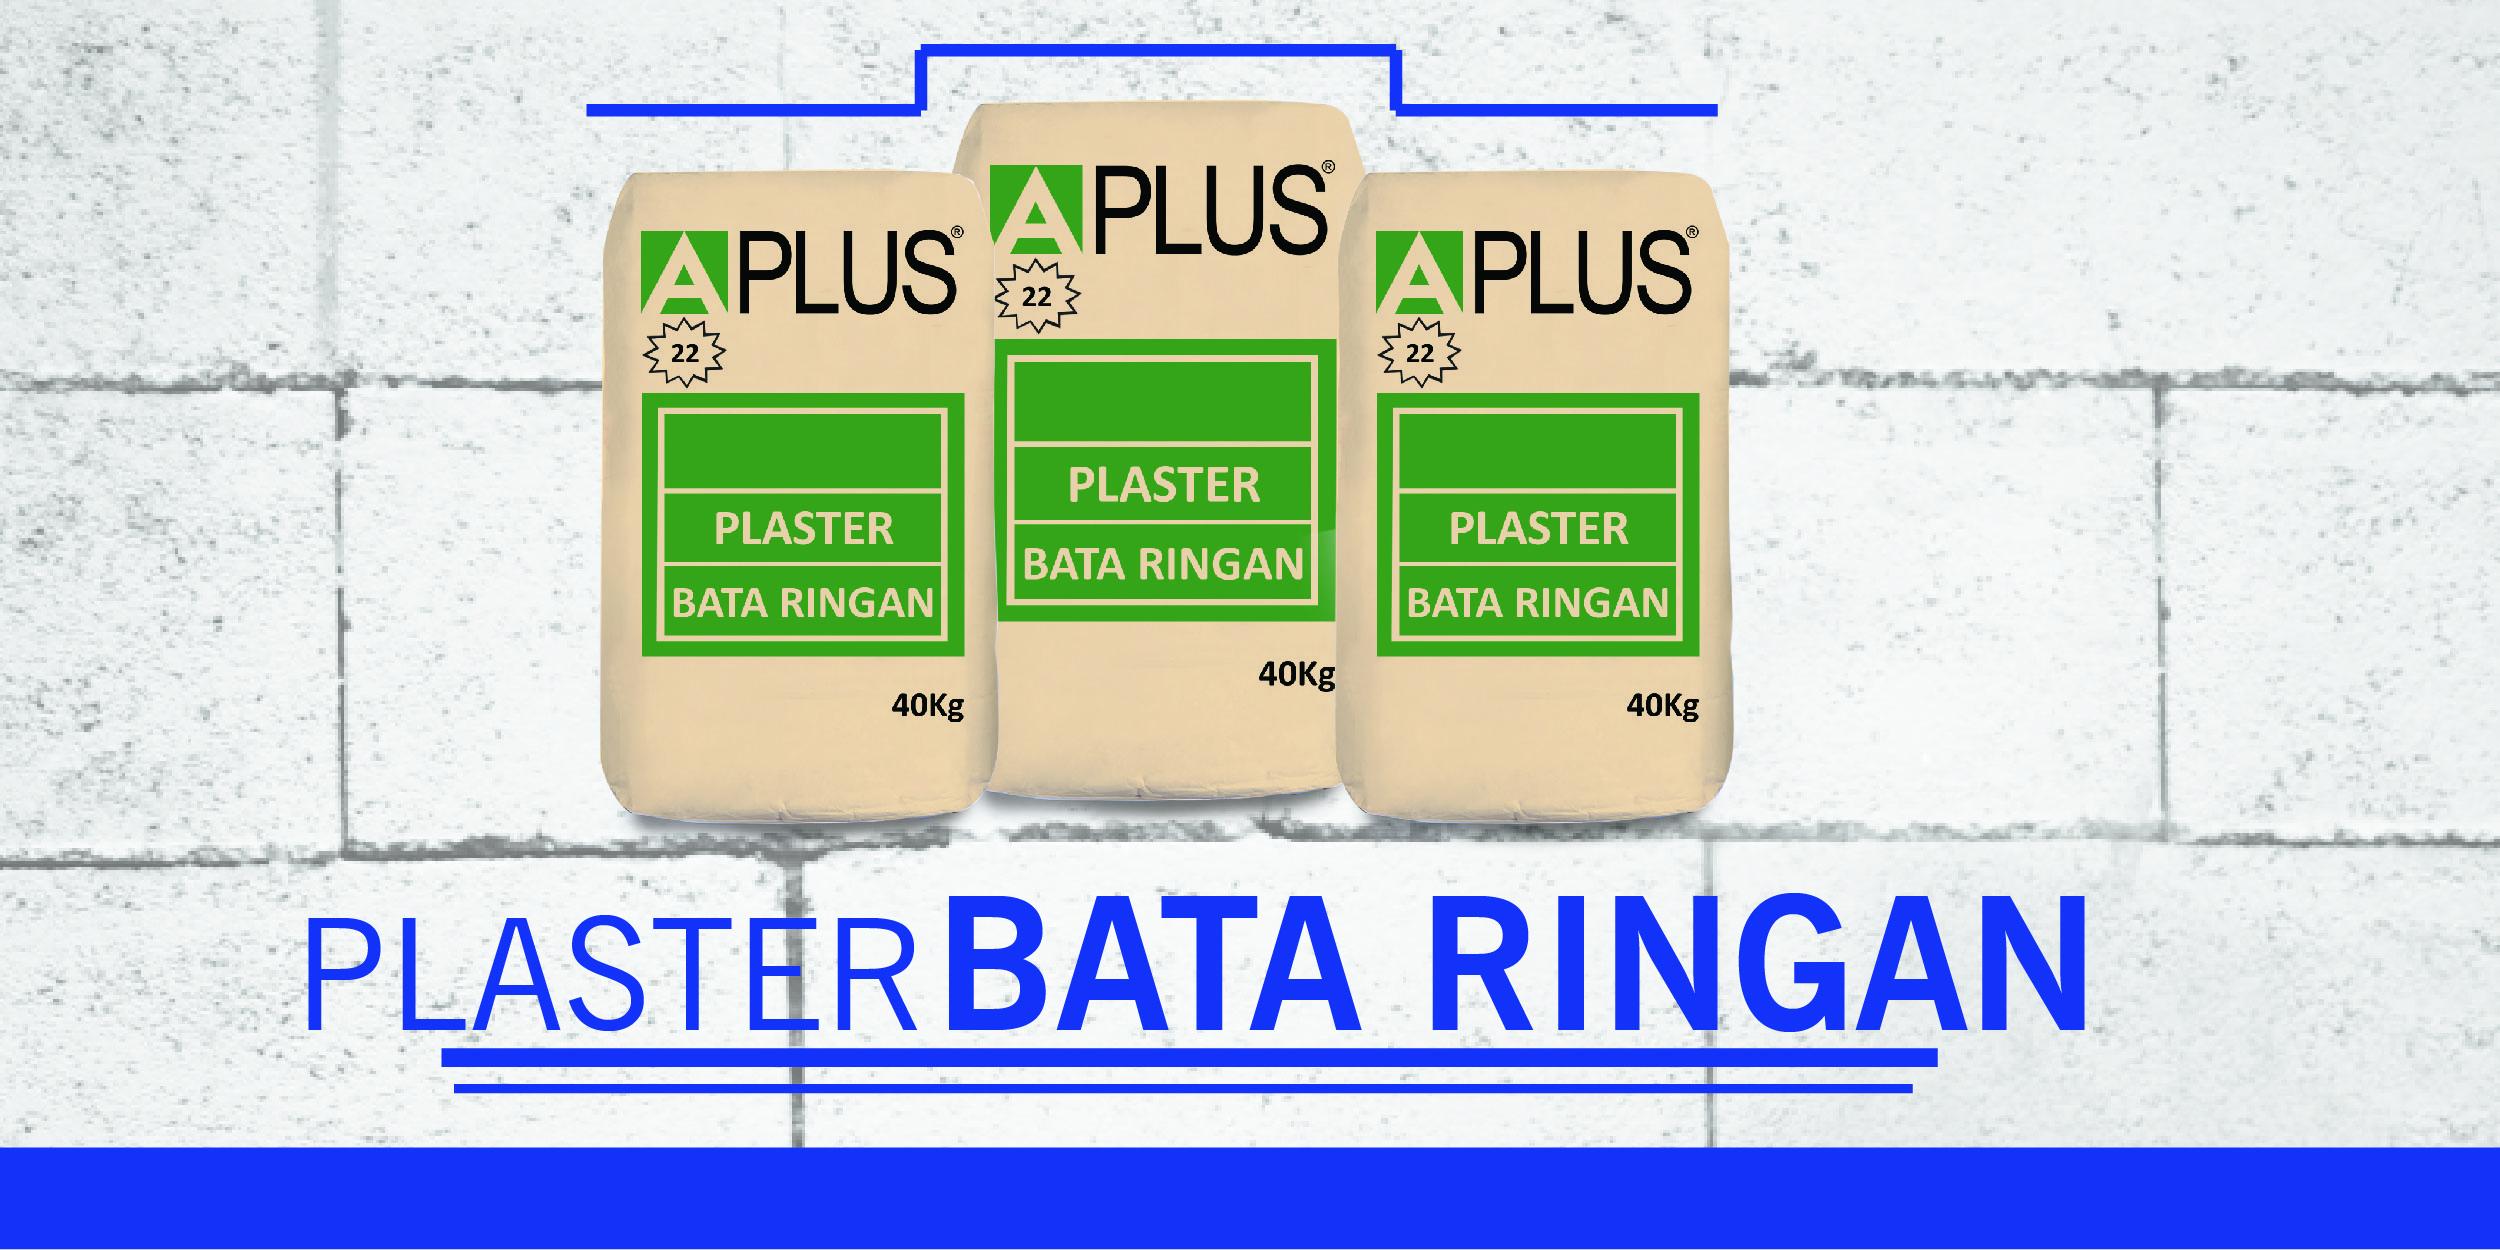 PLASTER-BATA-RINGAN-APLUS-22 depo aplus